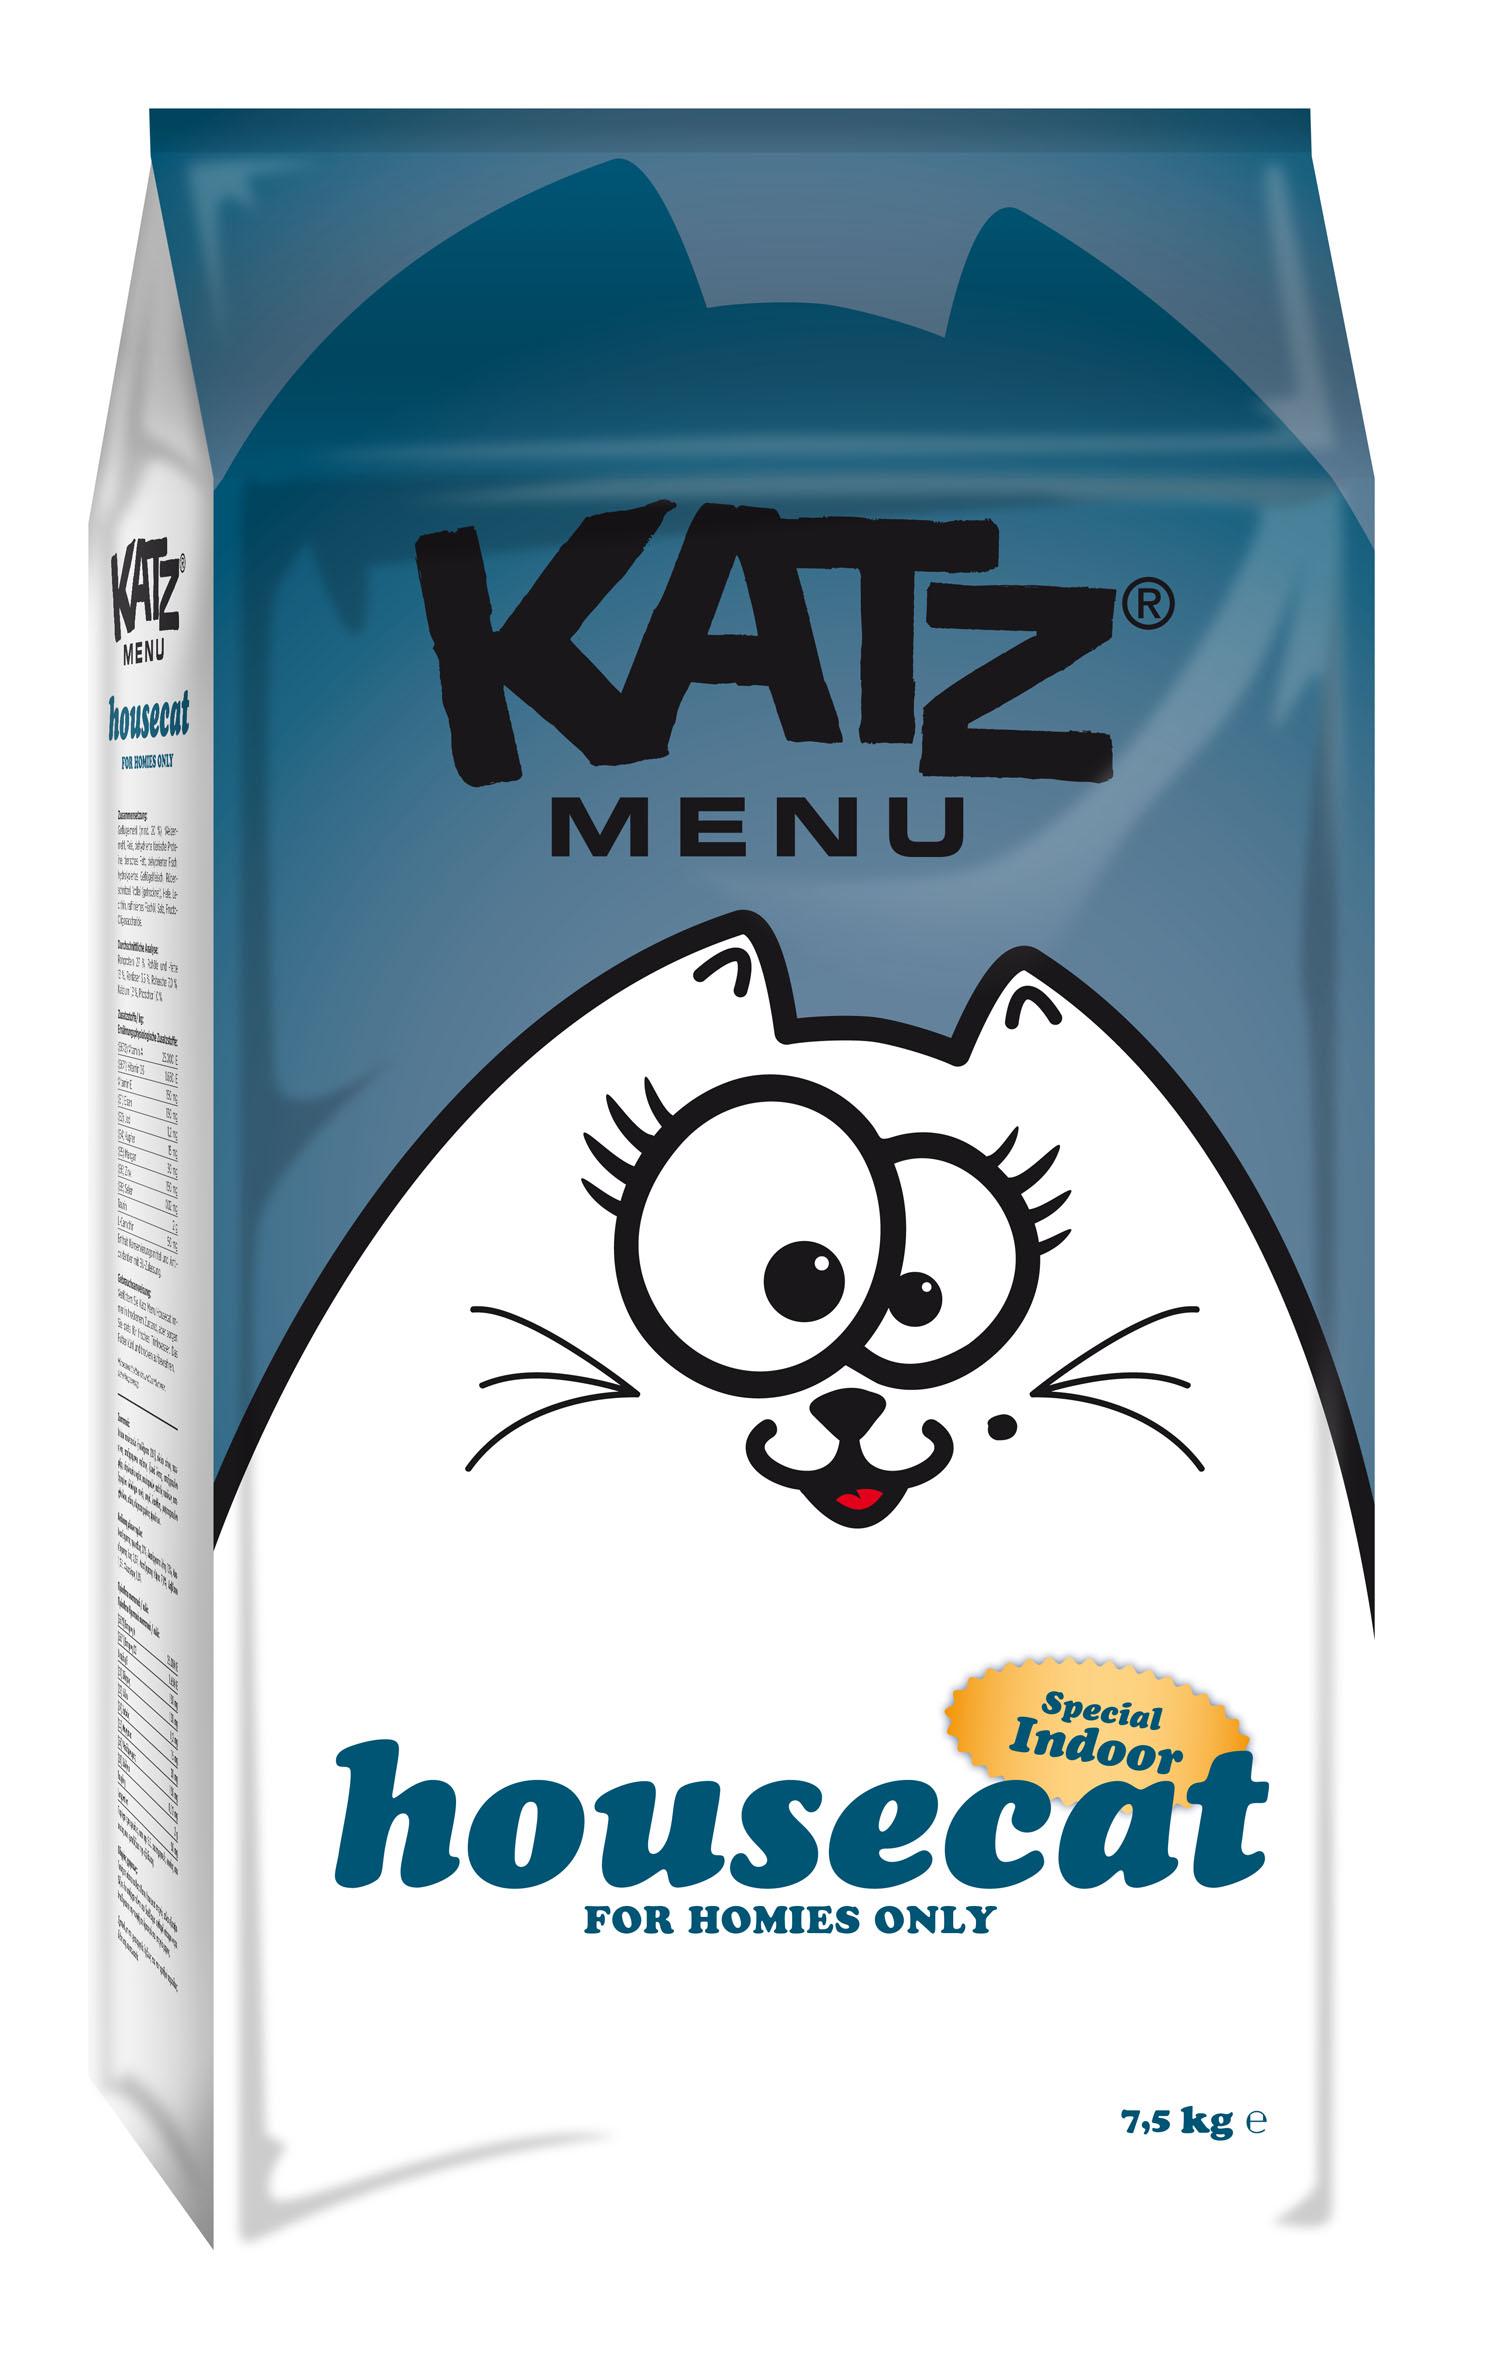 Katz Menu Housecat 7.5kg